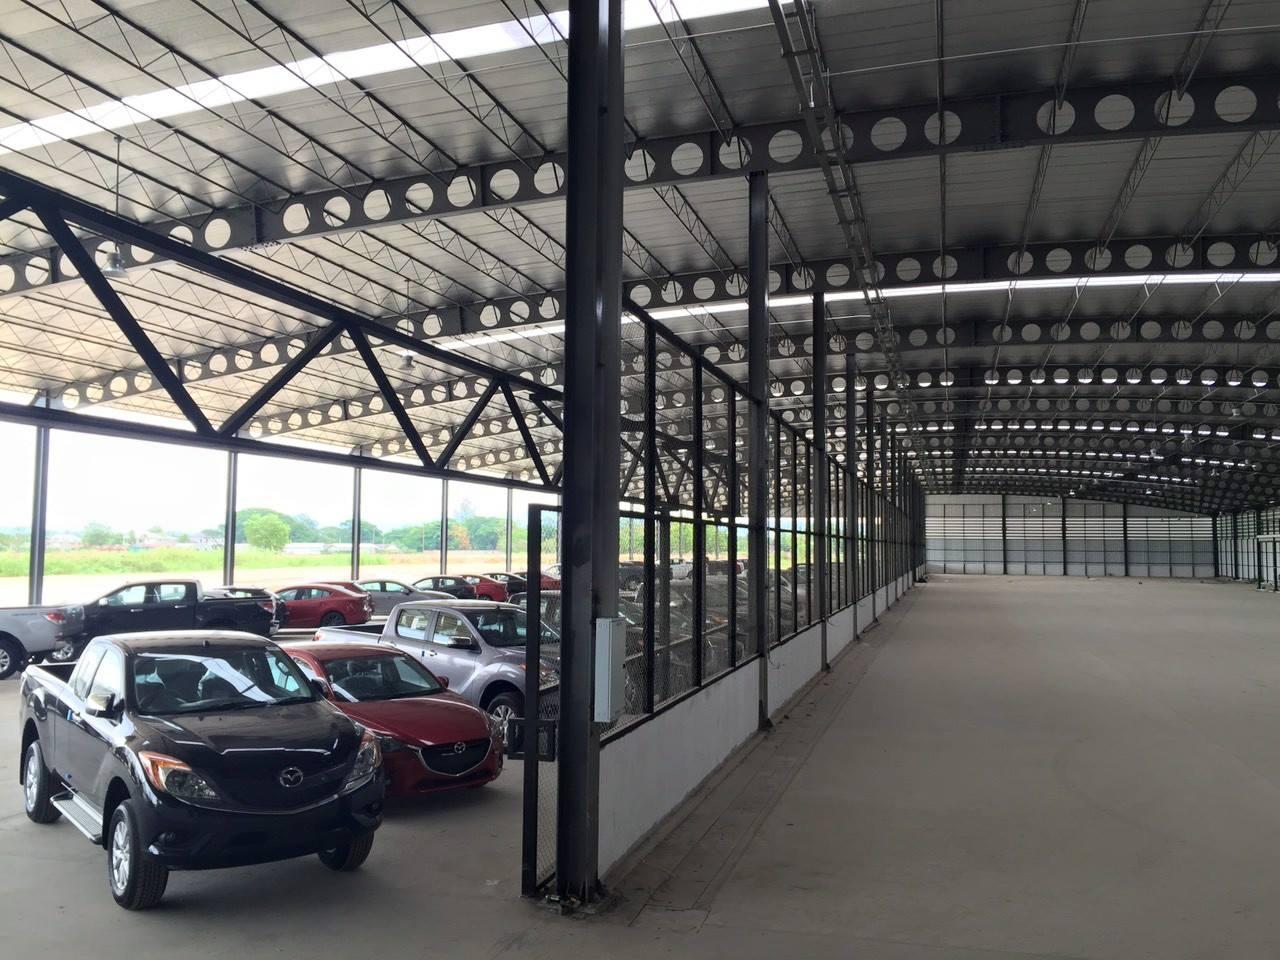 Mazda new showroom โชว์รูมมาสด้า สาขาซุปเปอร์ไฮเวย์(สารถี) จังหวัดเชียงใหม่